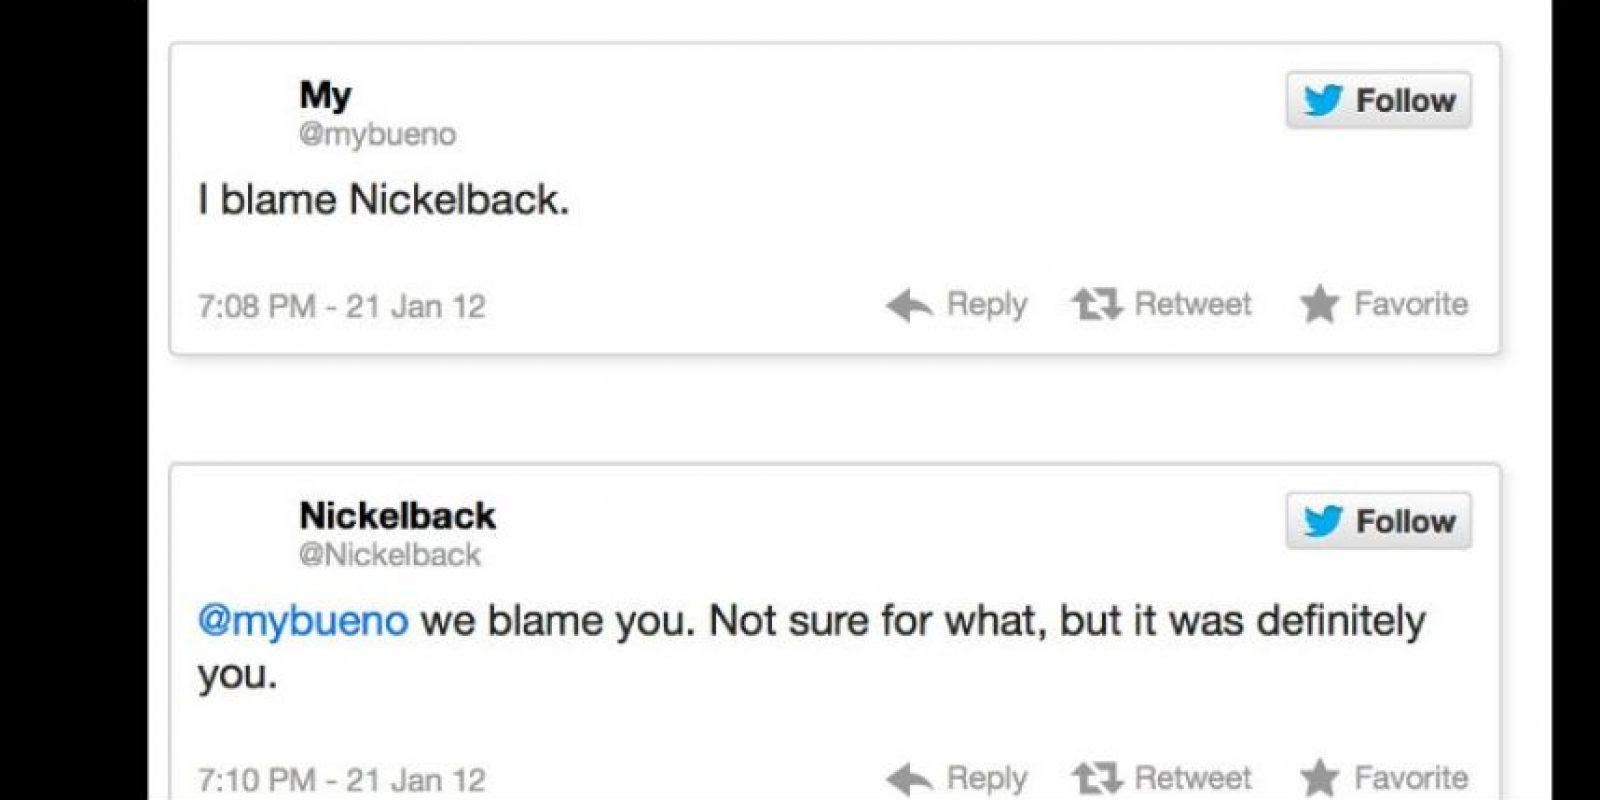 """Un troll le dijo a la banda Nickelback: """"Los culpo"""". Ellos le respondieron: """"Nosotros te culpamos a tí. No sabemos de qué, pero fuiste tu"""". Foto:vía Twitter"""